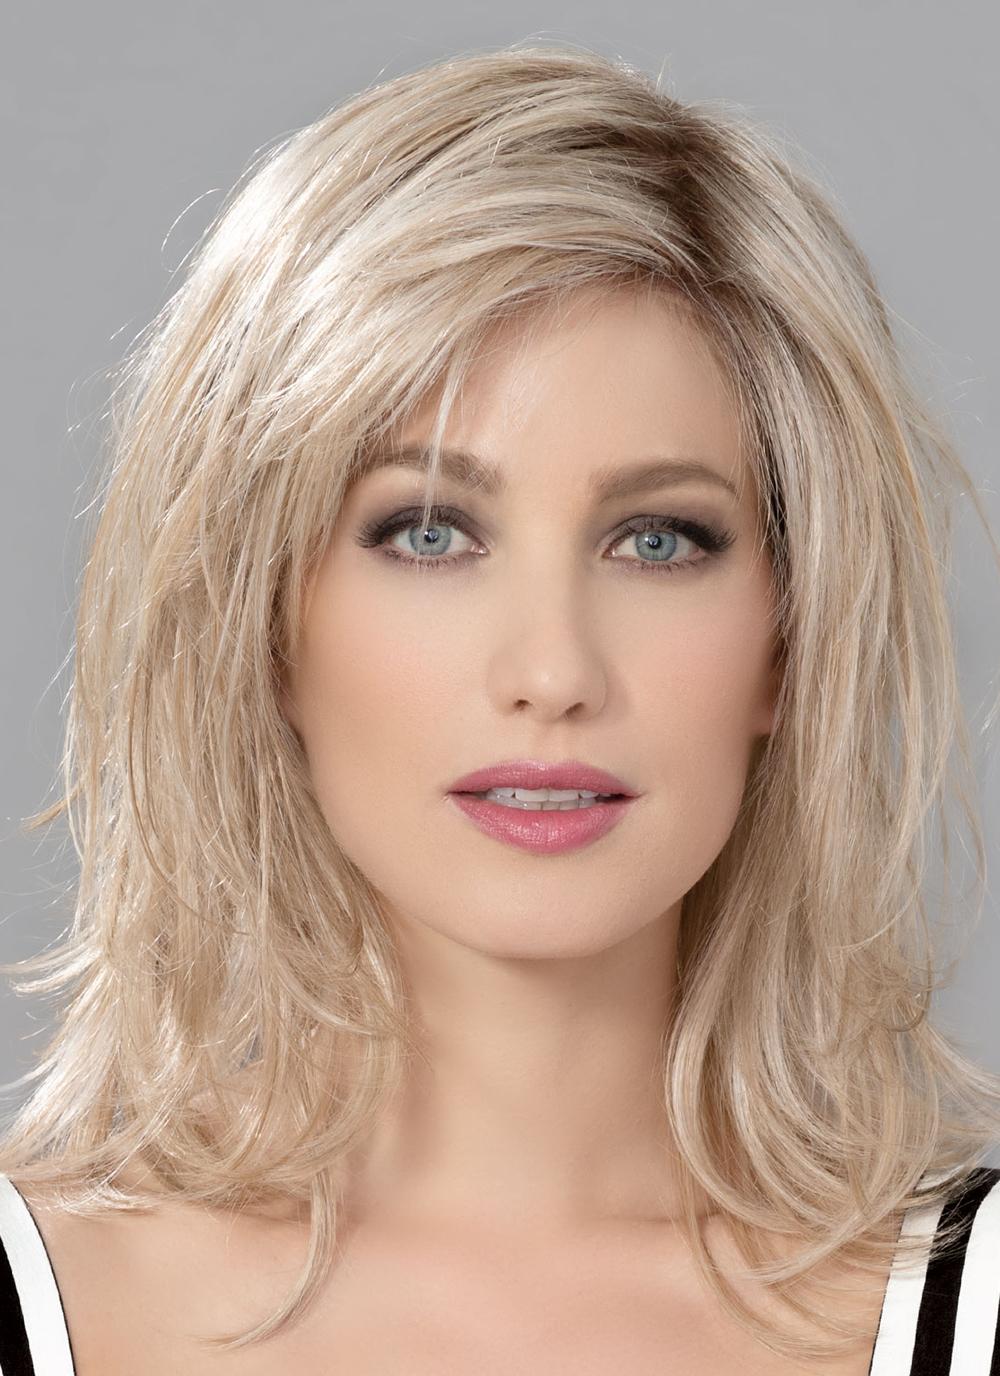 INTEREST by ELLEN WILLE in CHAMPAGNE ROOTED | Light Beige Blonde, Medium Honey Blonde, and Platinum Blonde blend with Dark Roots